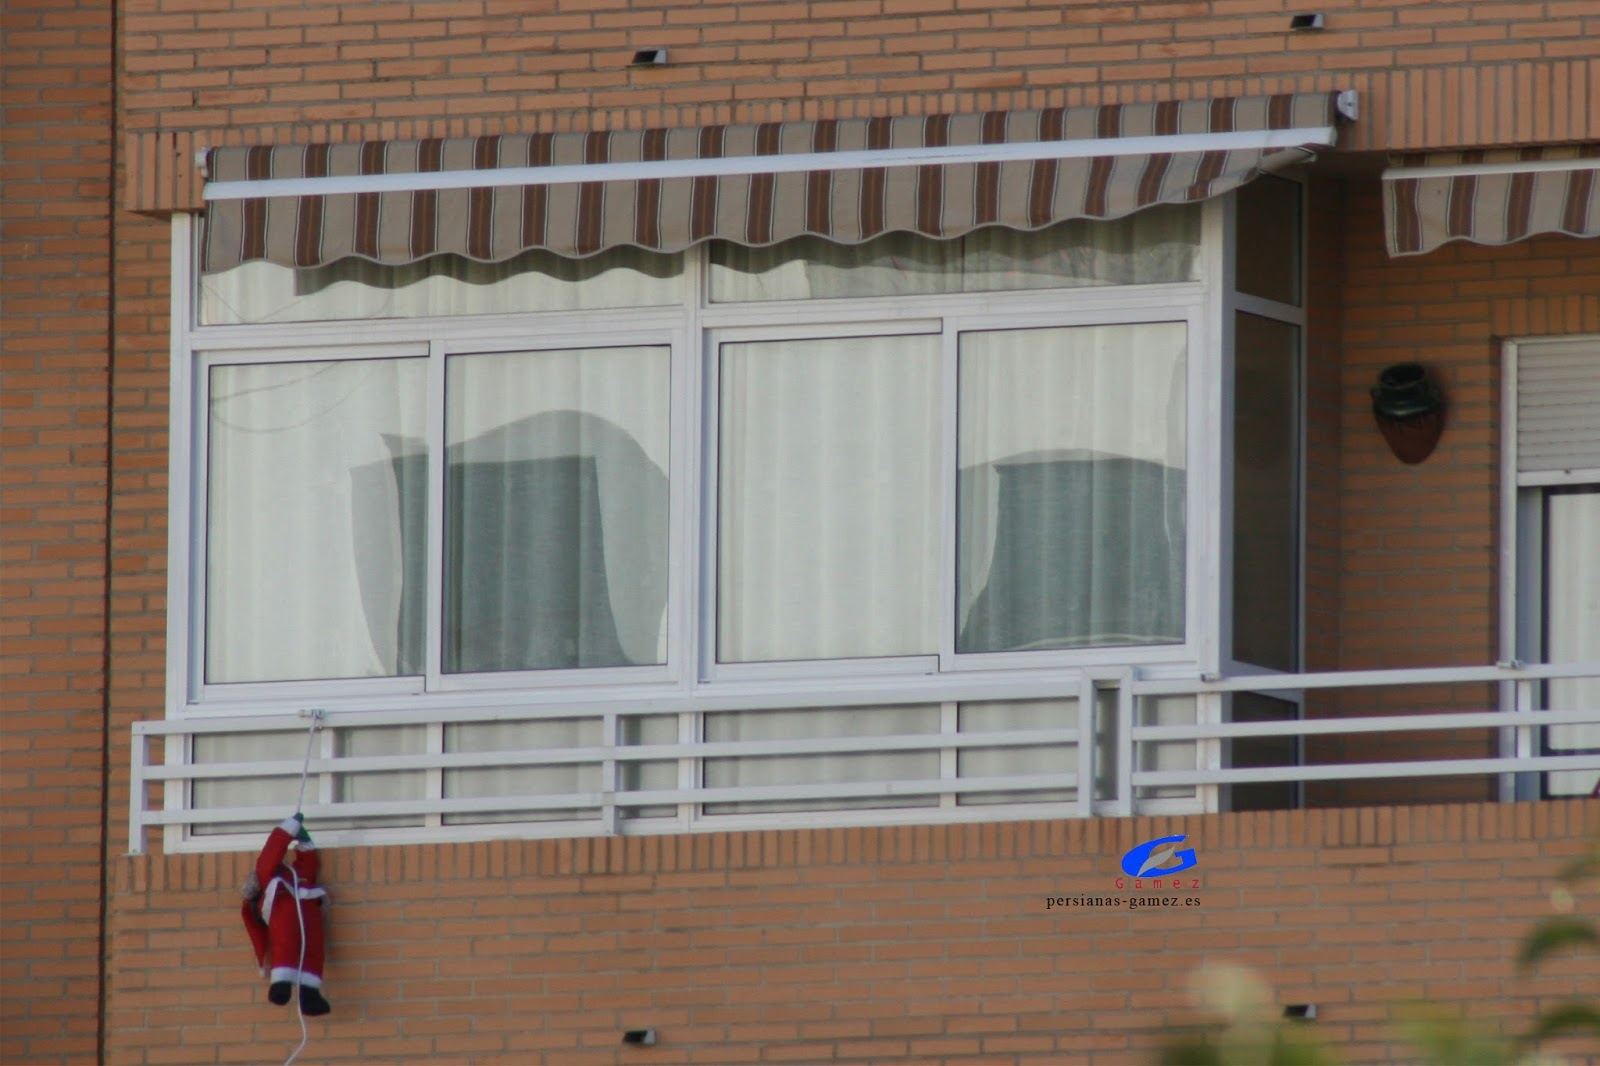 Cerramientos de balcones cerramientos en zaragoza - Cerrar balcon ...